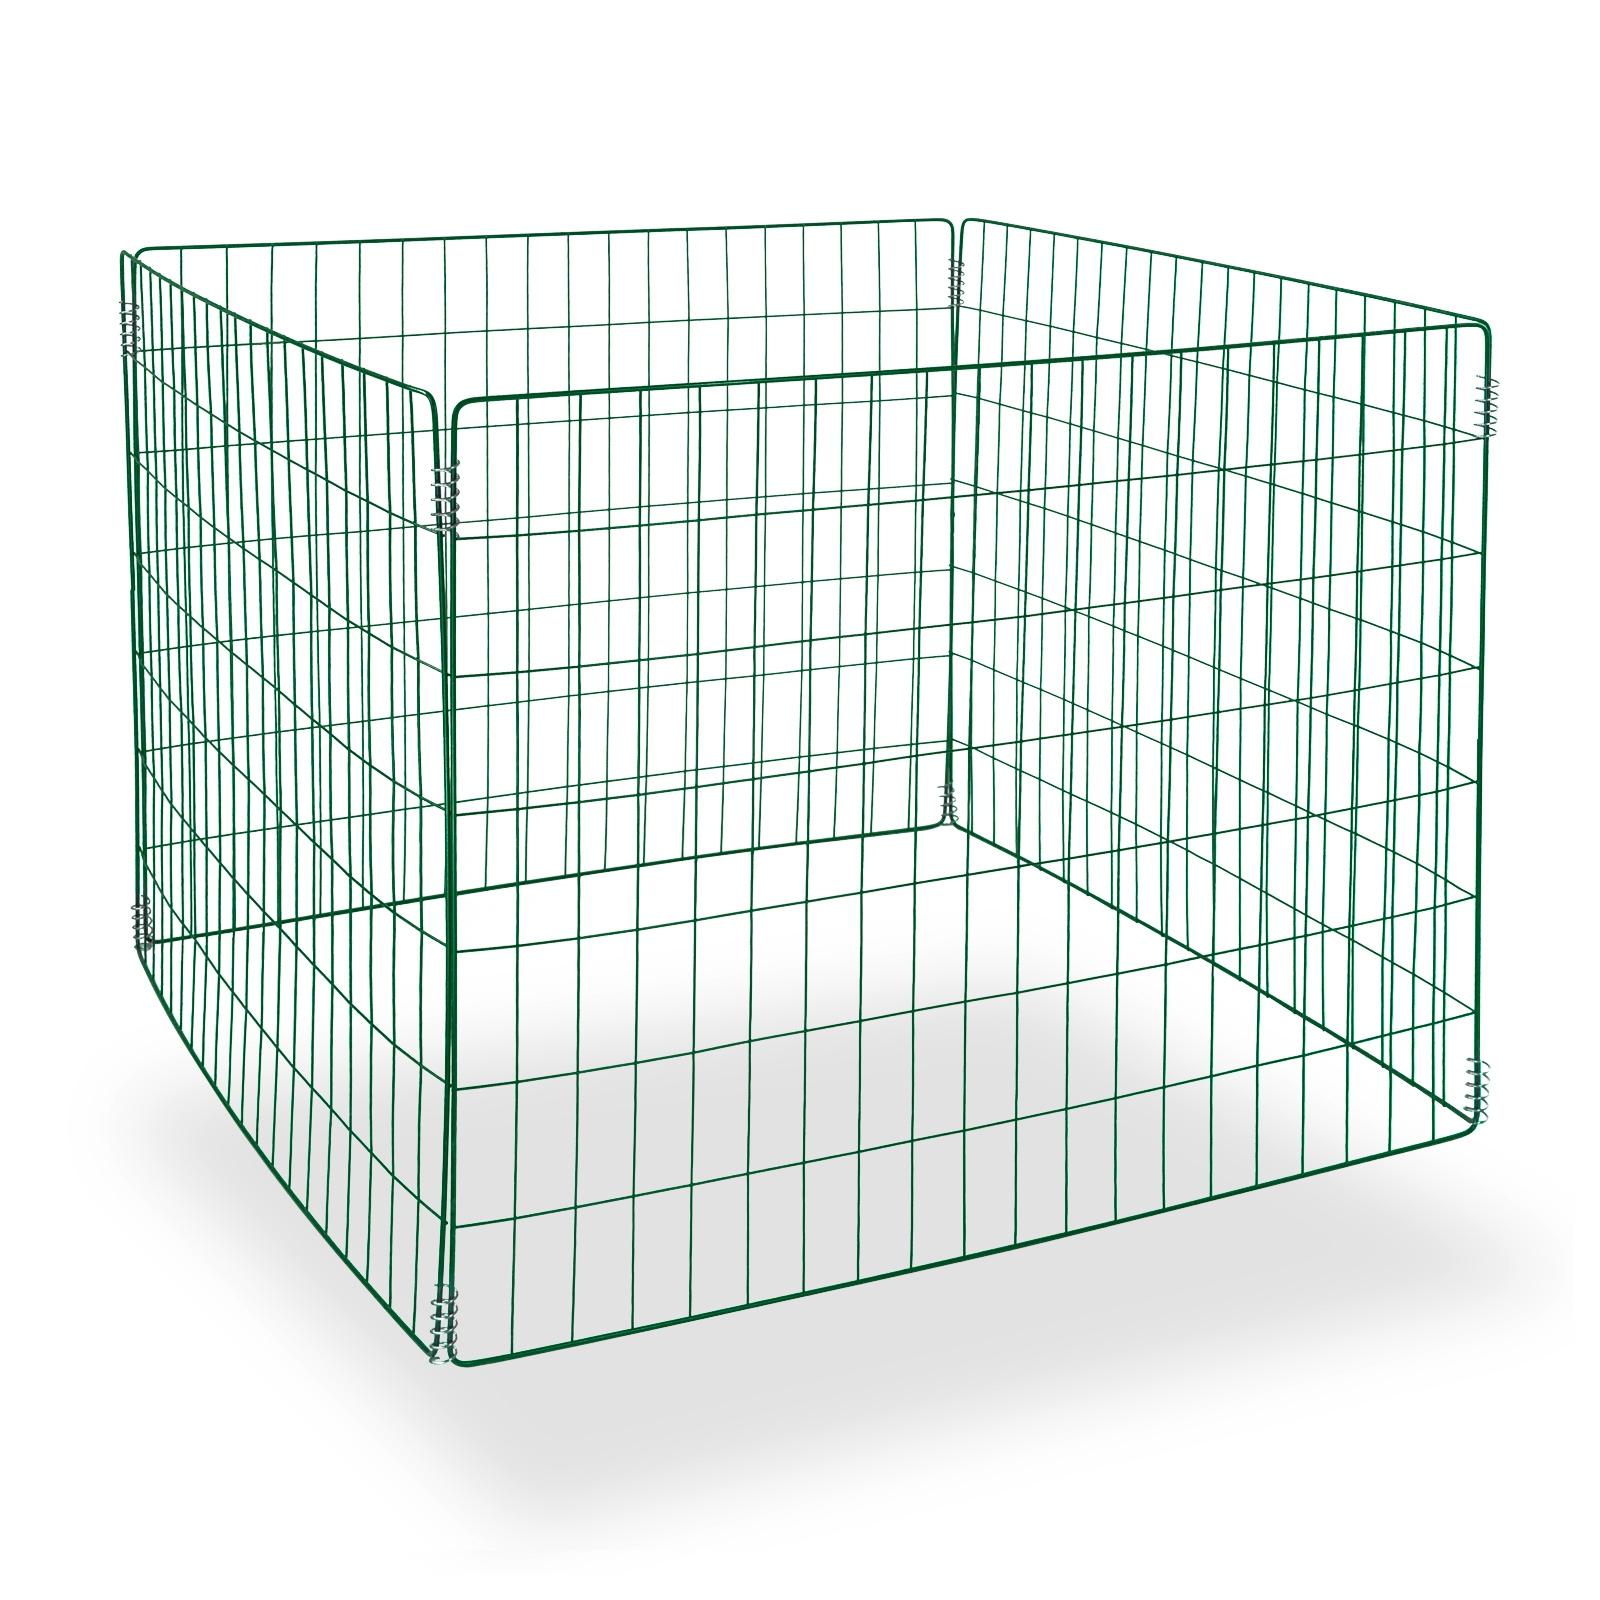 Dema Metallkomposter green-line 90x90x70 cm Metallkomposter Komposter 30951-30952